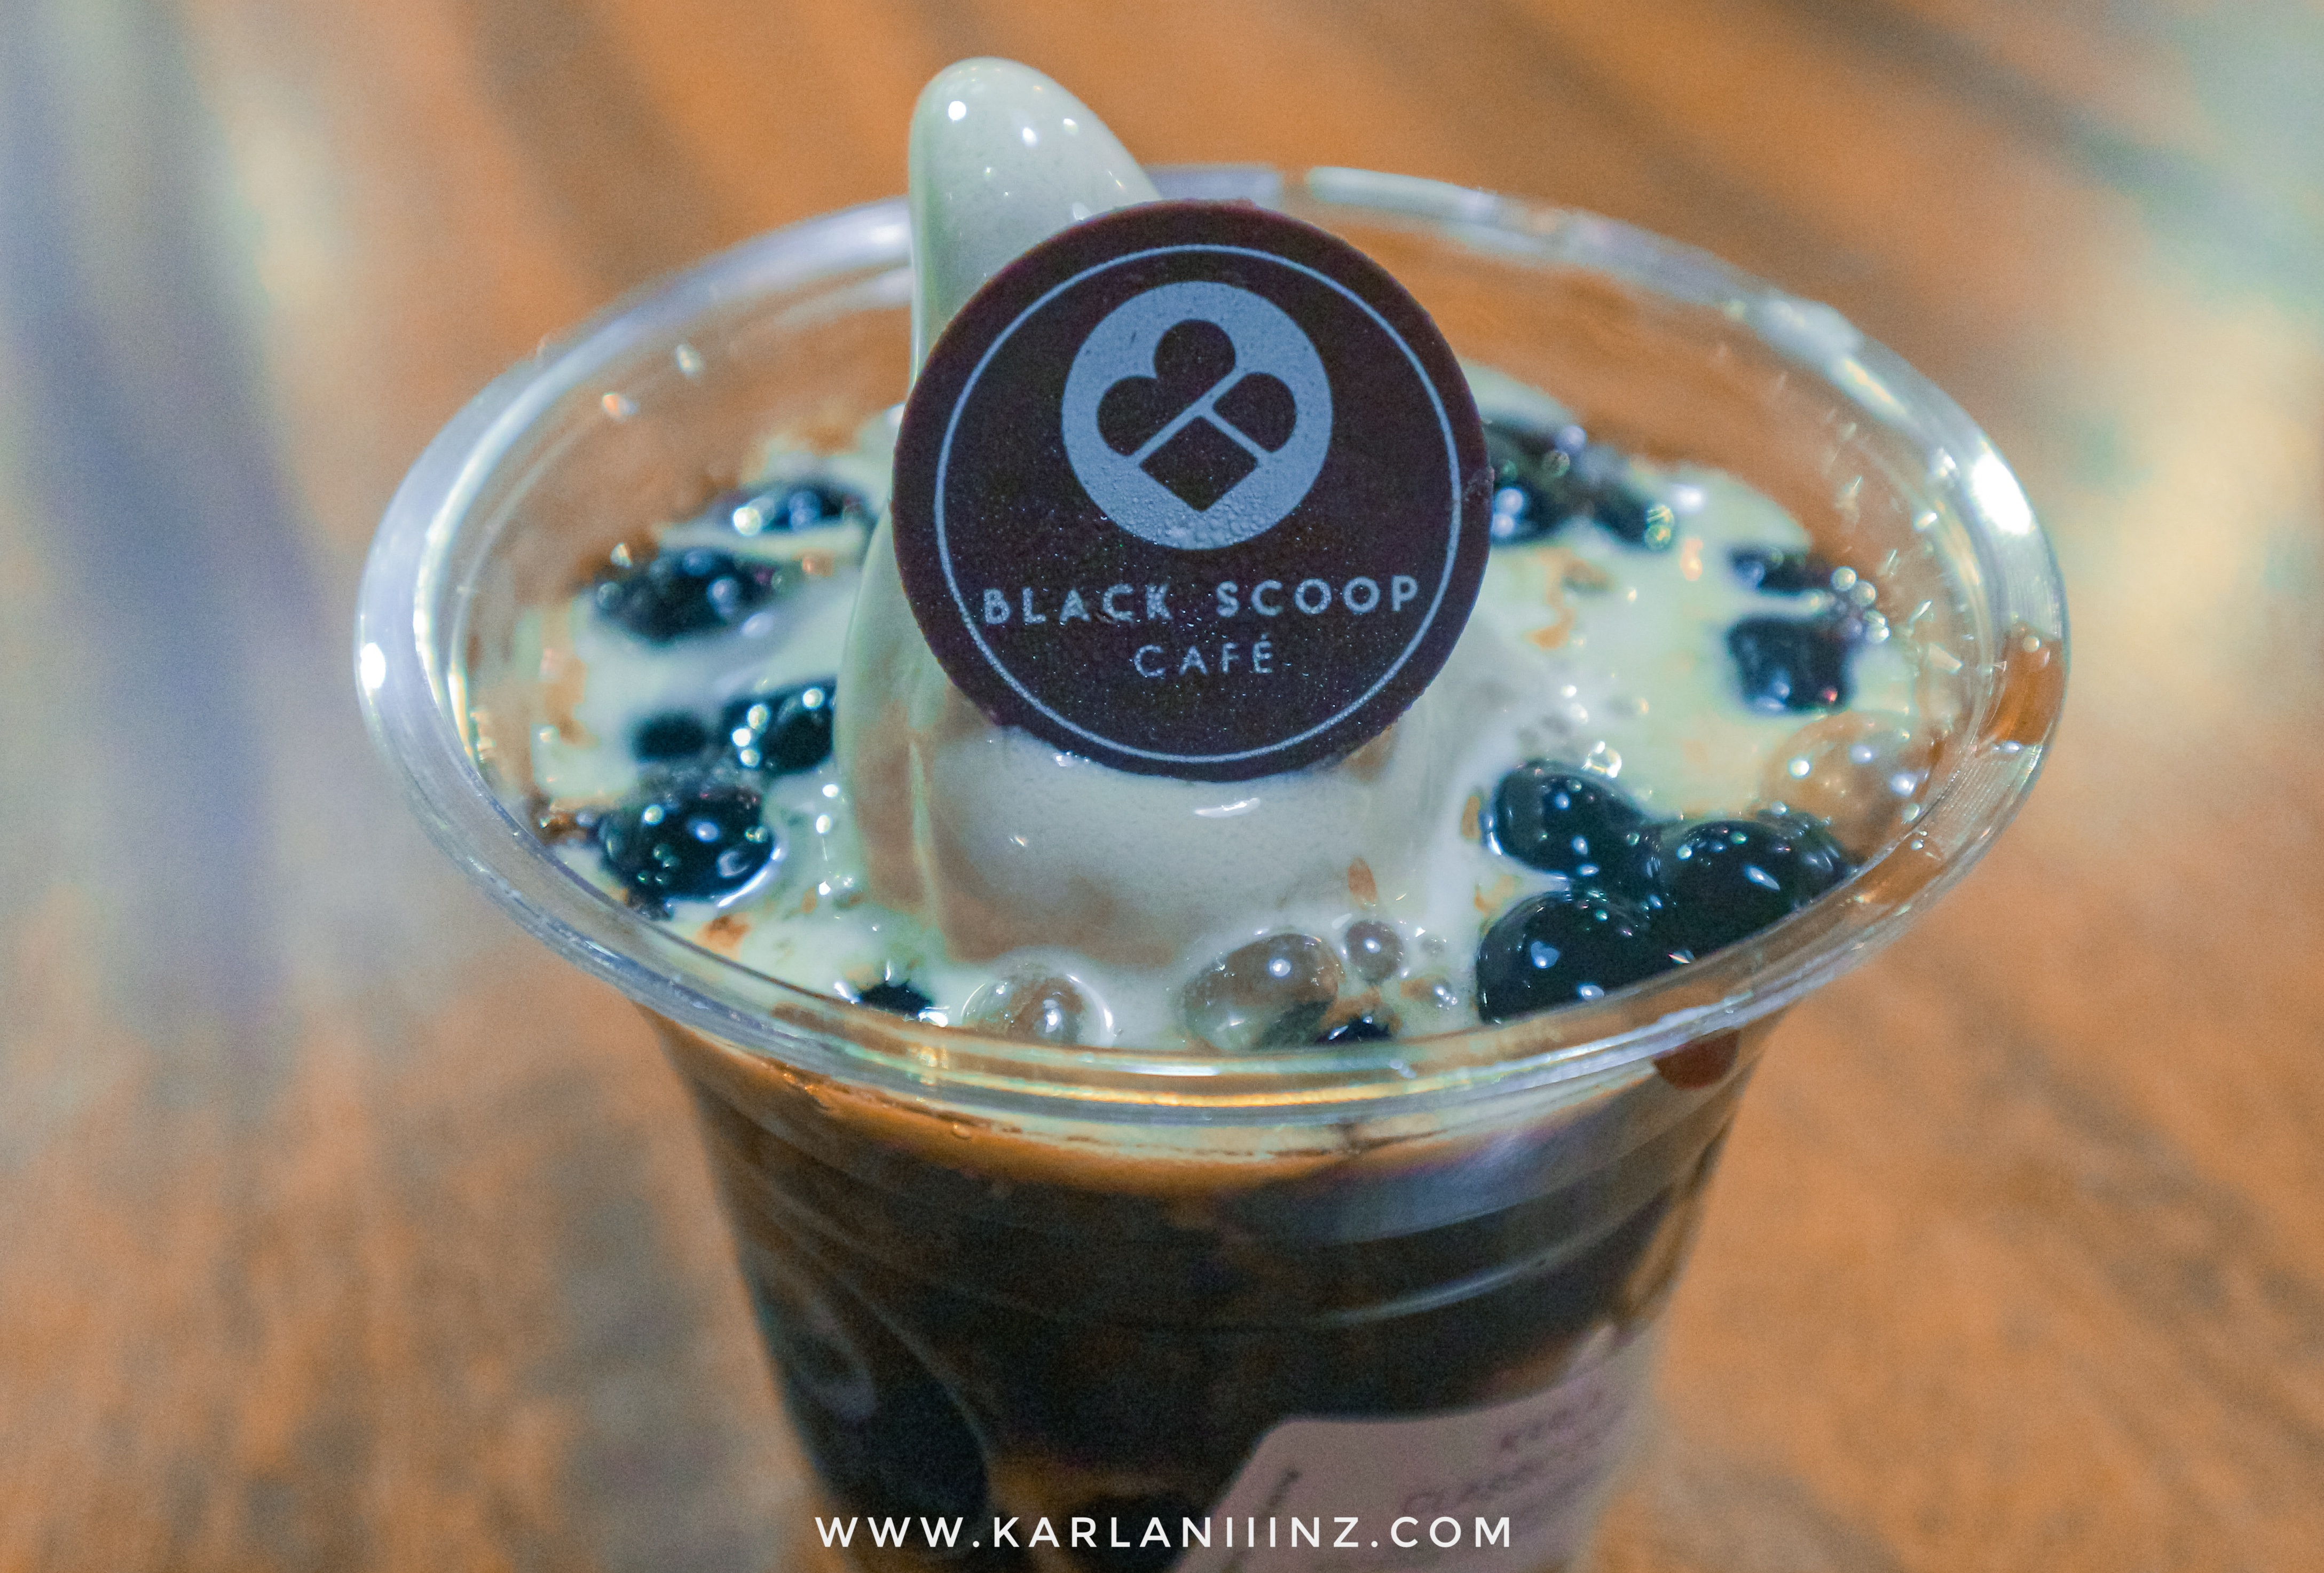 black scoop cafe